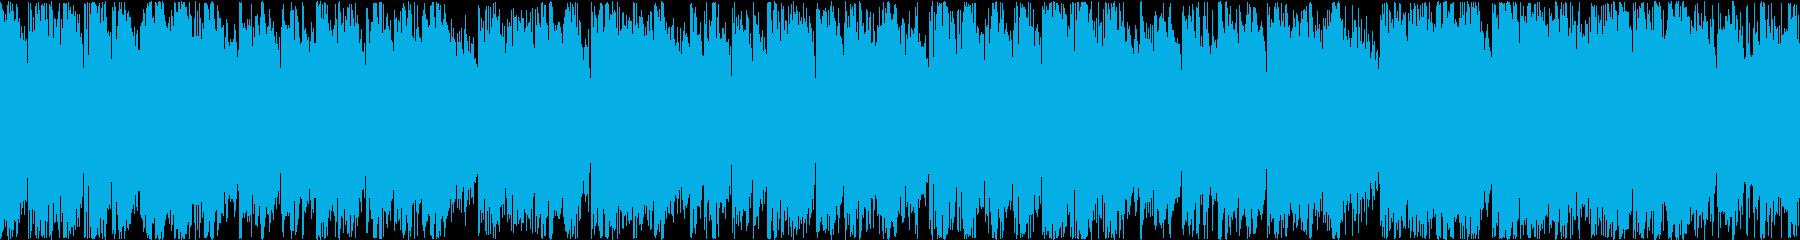 アップテンポなエレクトロポップ(ループ)の再生済みの波形